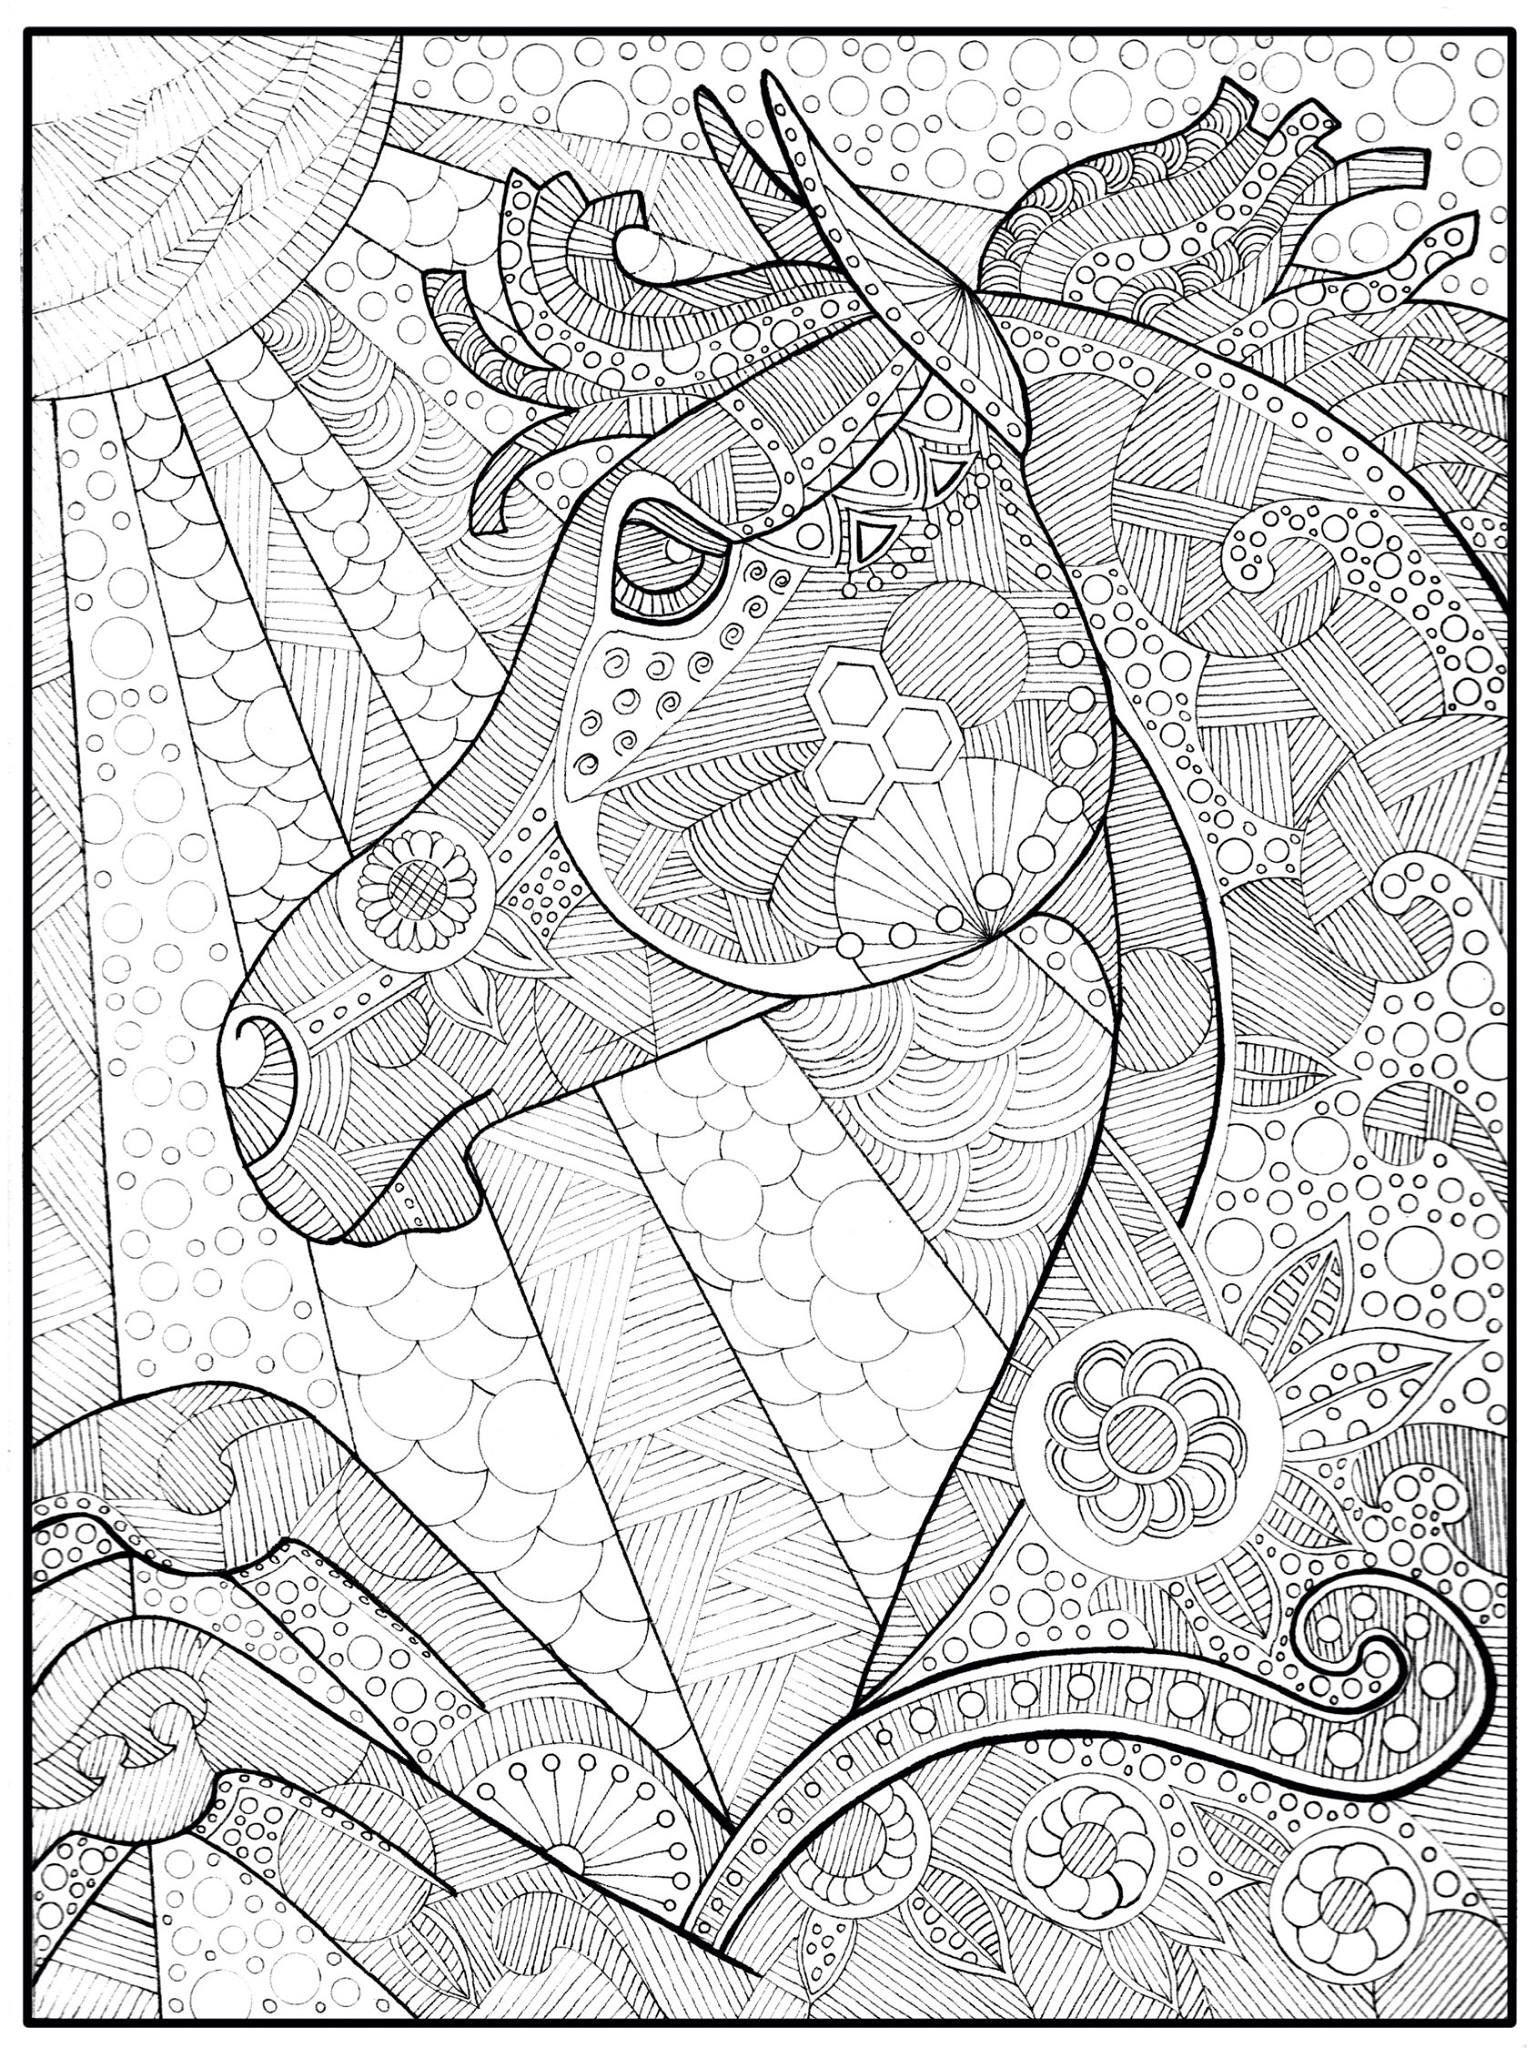 Pin de Linda Jones en Horse drawings | Pinterest | Mandalas ...